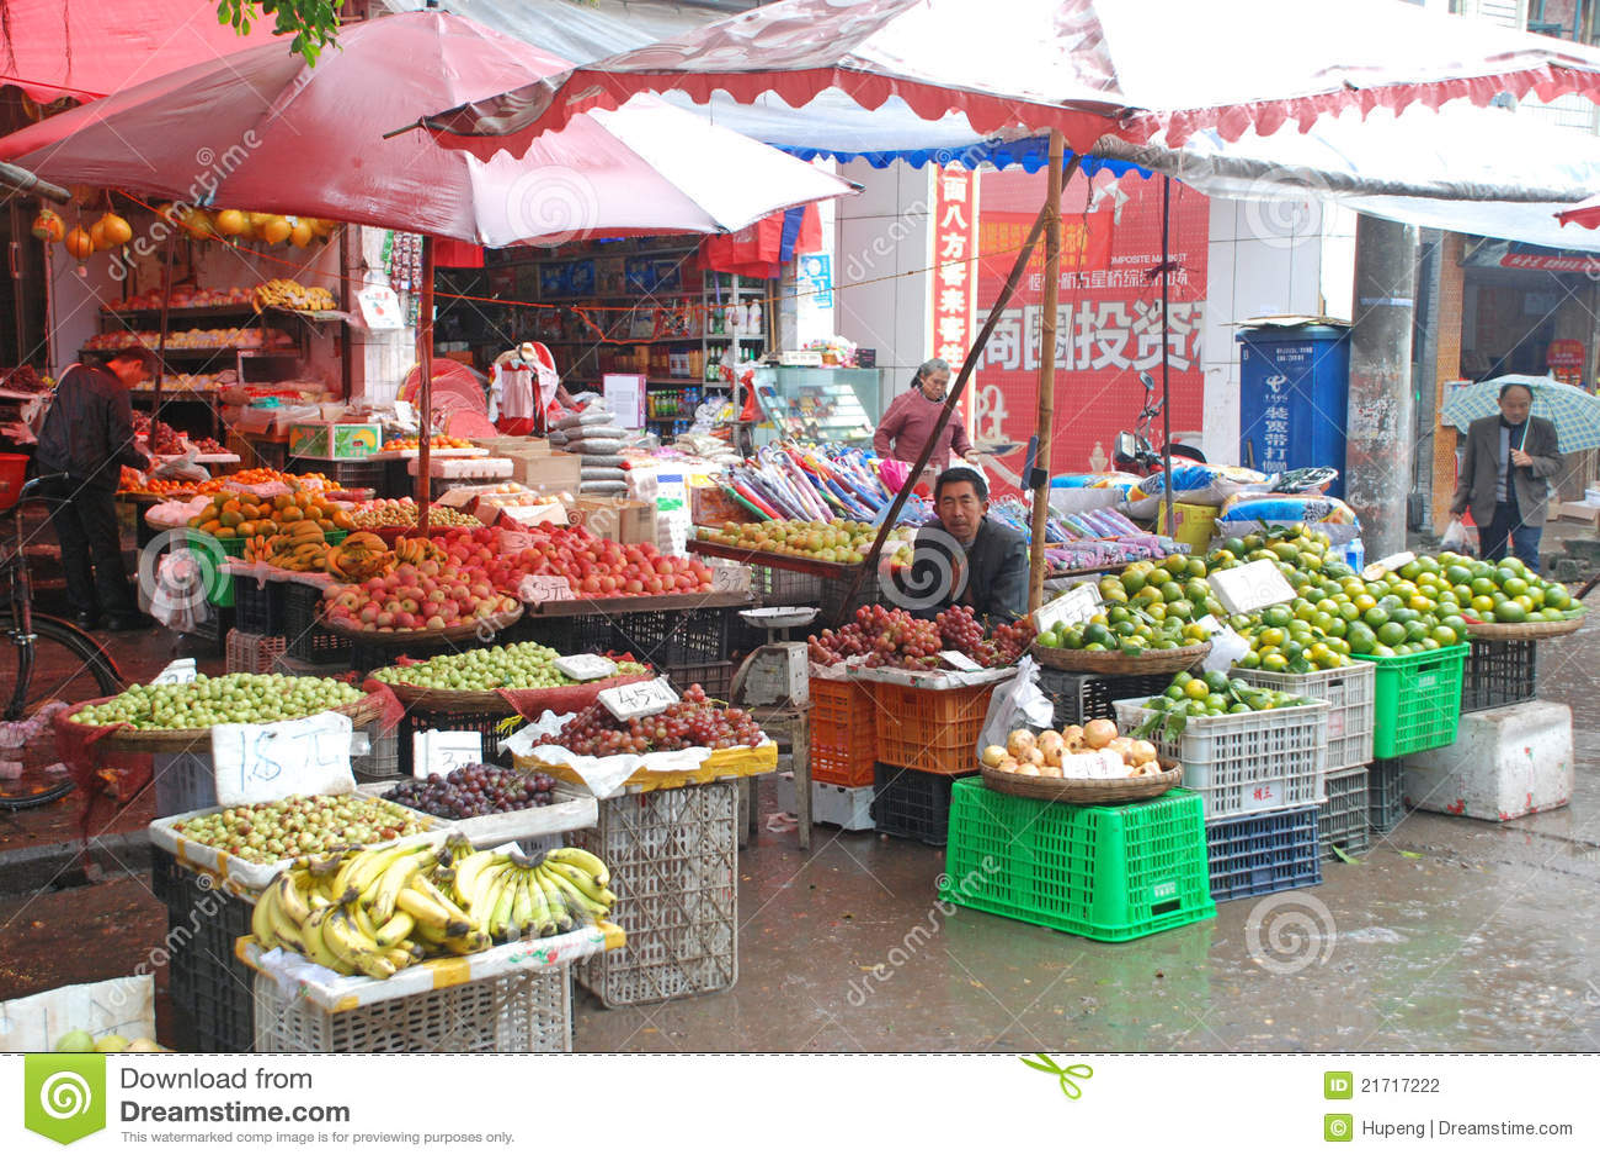 Asian Market Cafe Menu